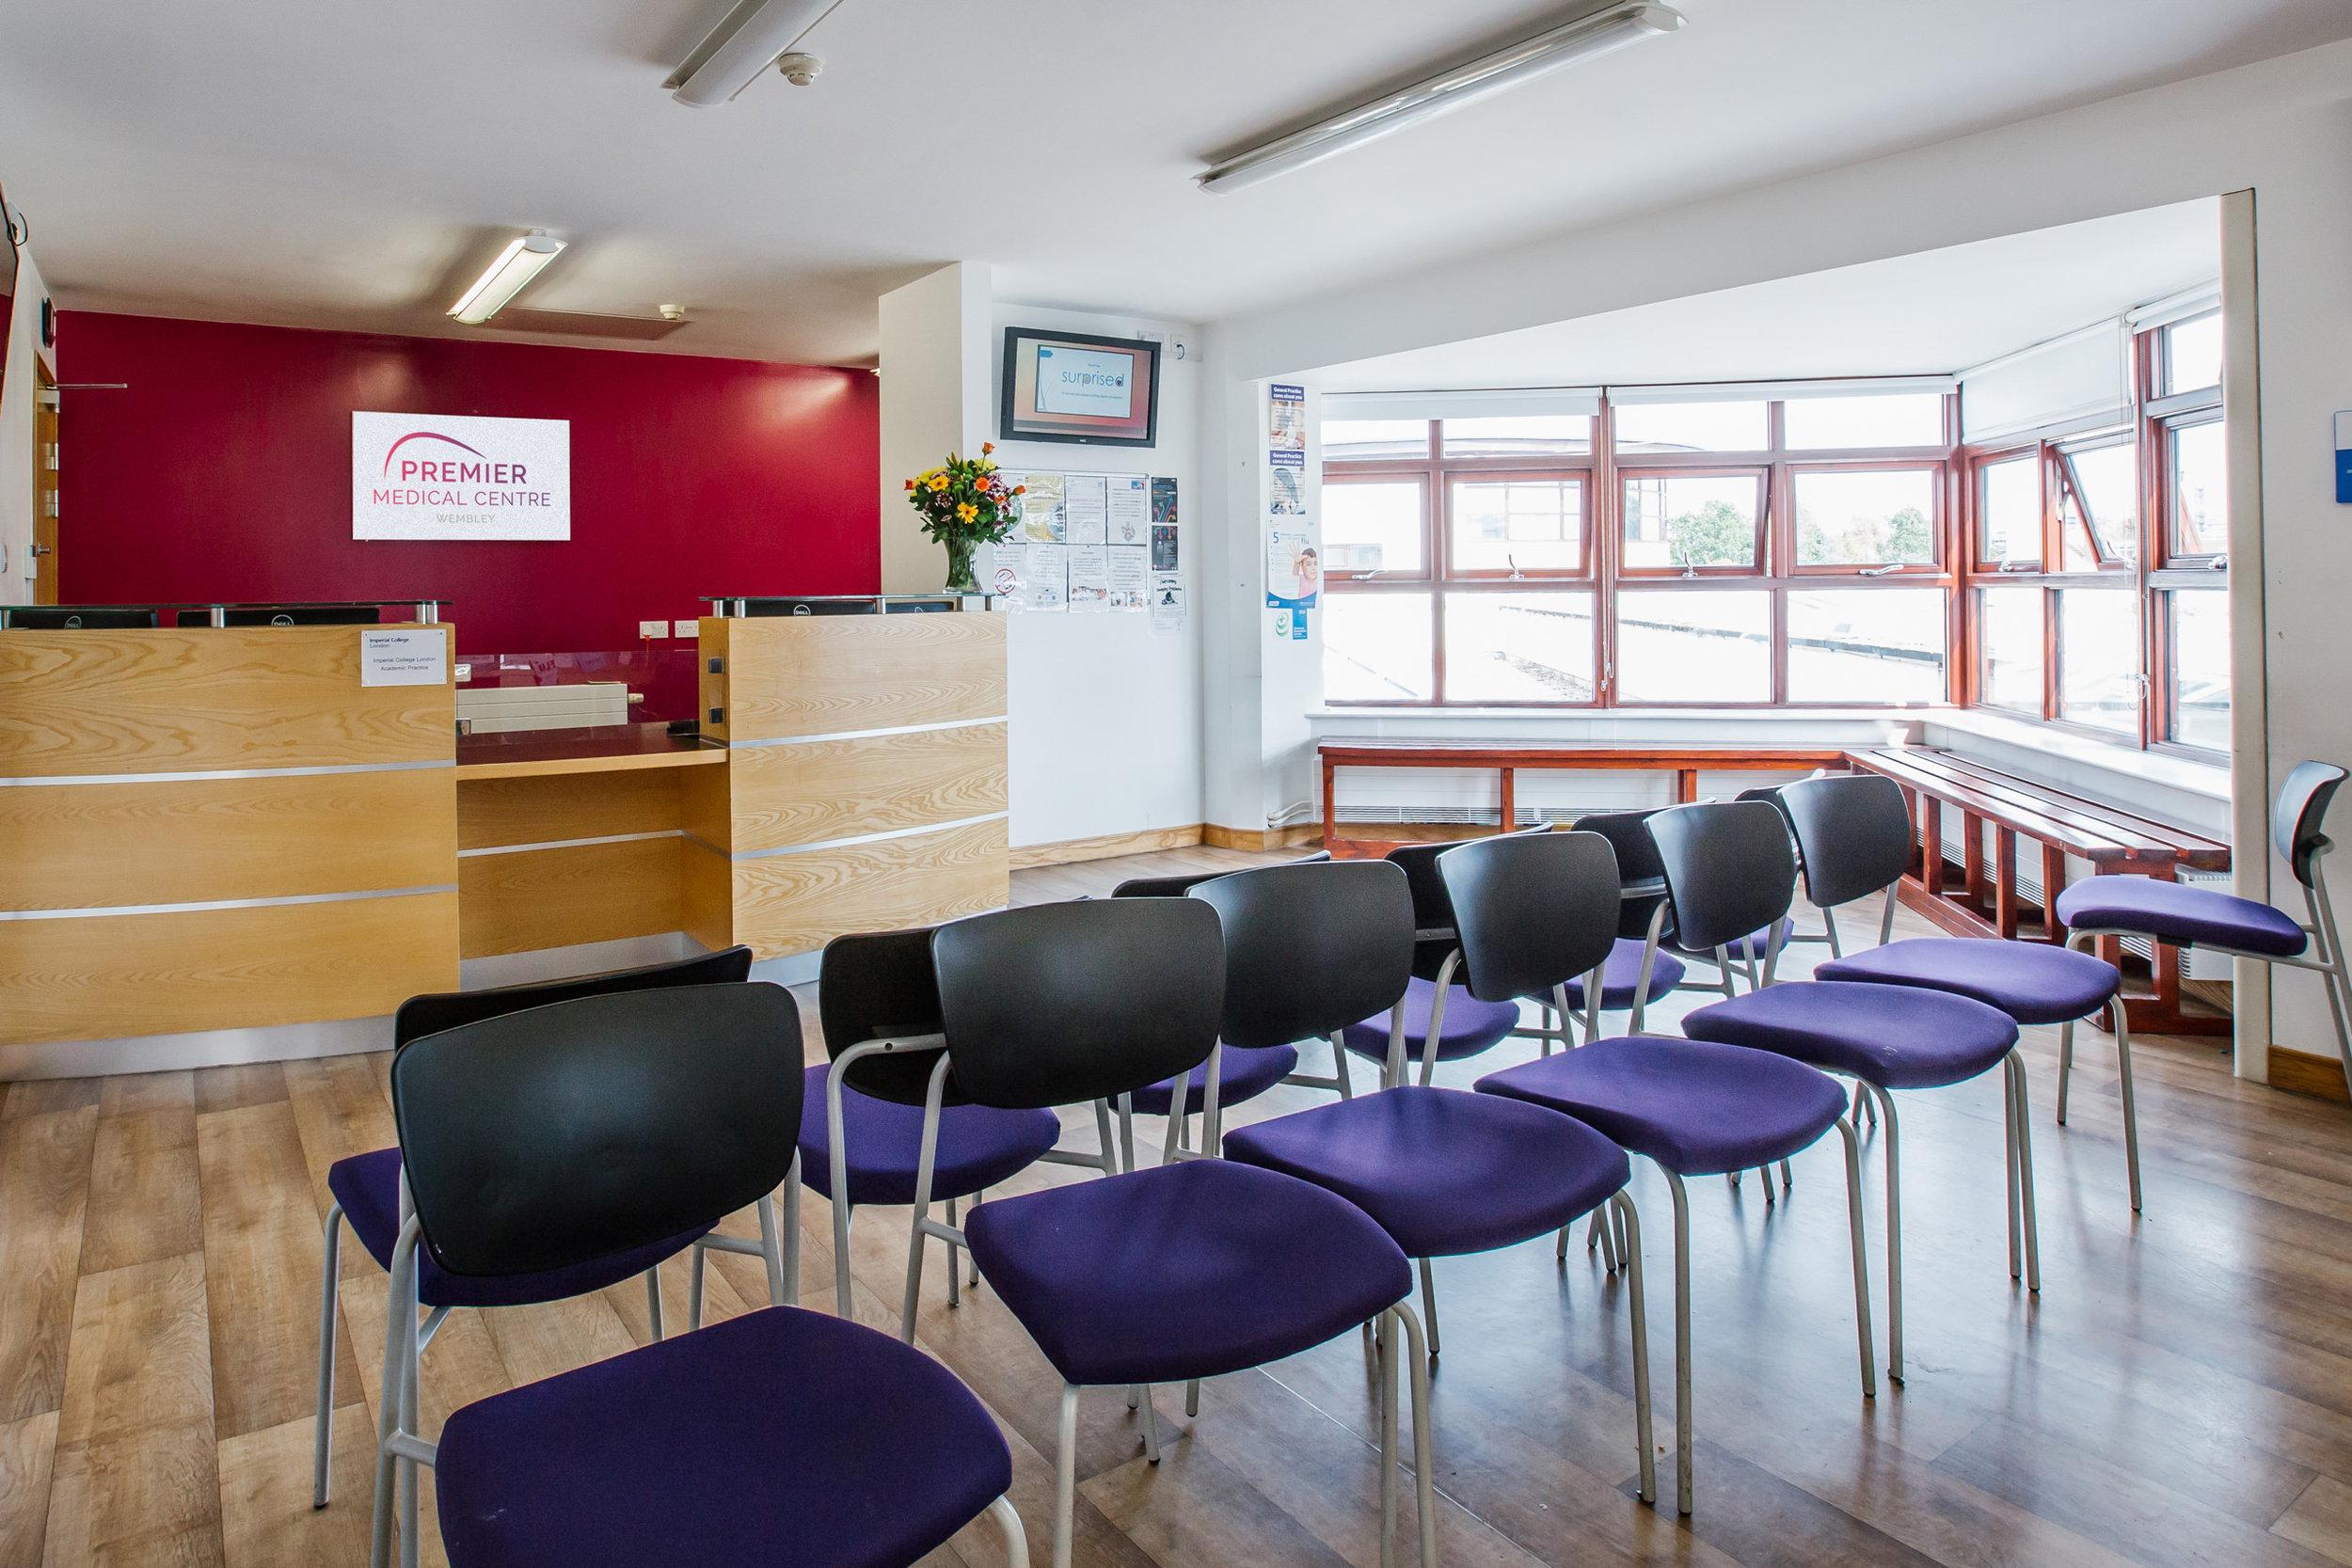 Premier-Medical-Centre-LR-140.jpg